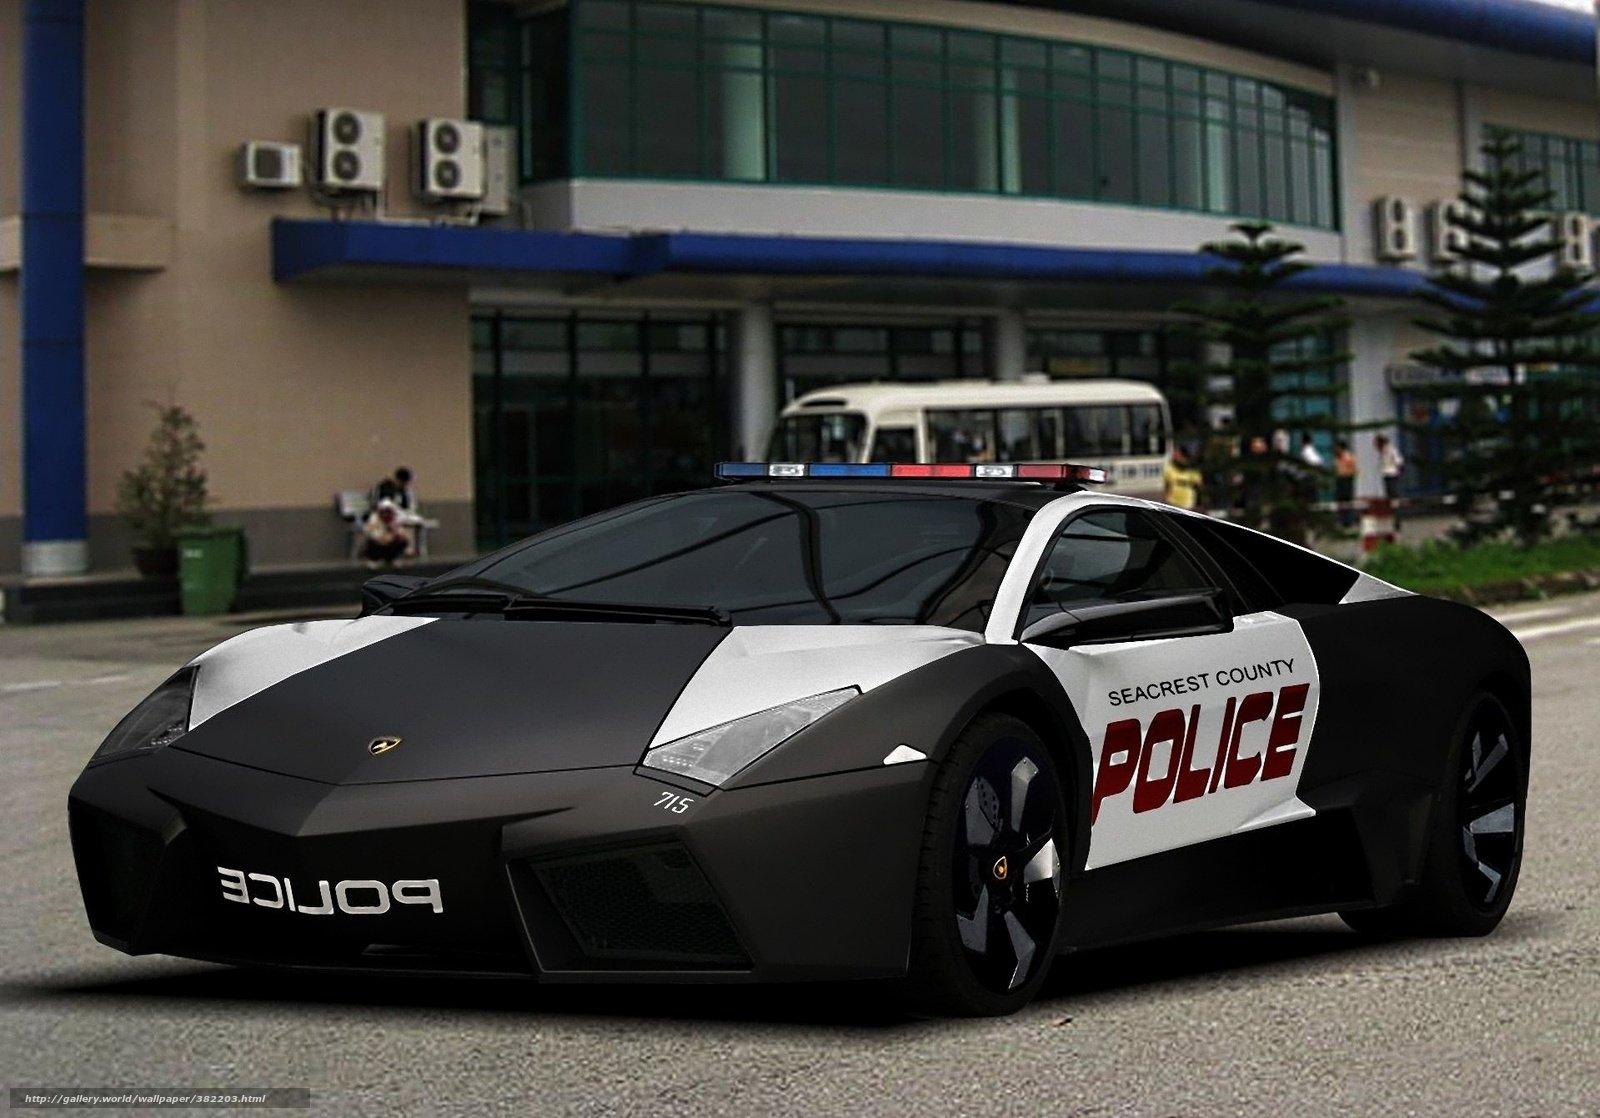 wallpaper Car, police, Lamborghini, cars free desktop wallpaper ...